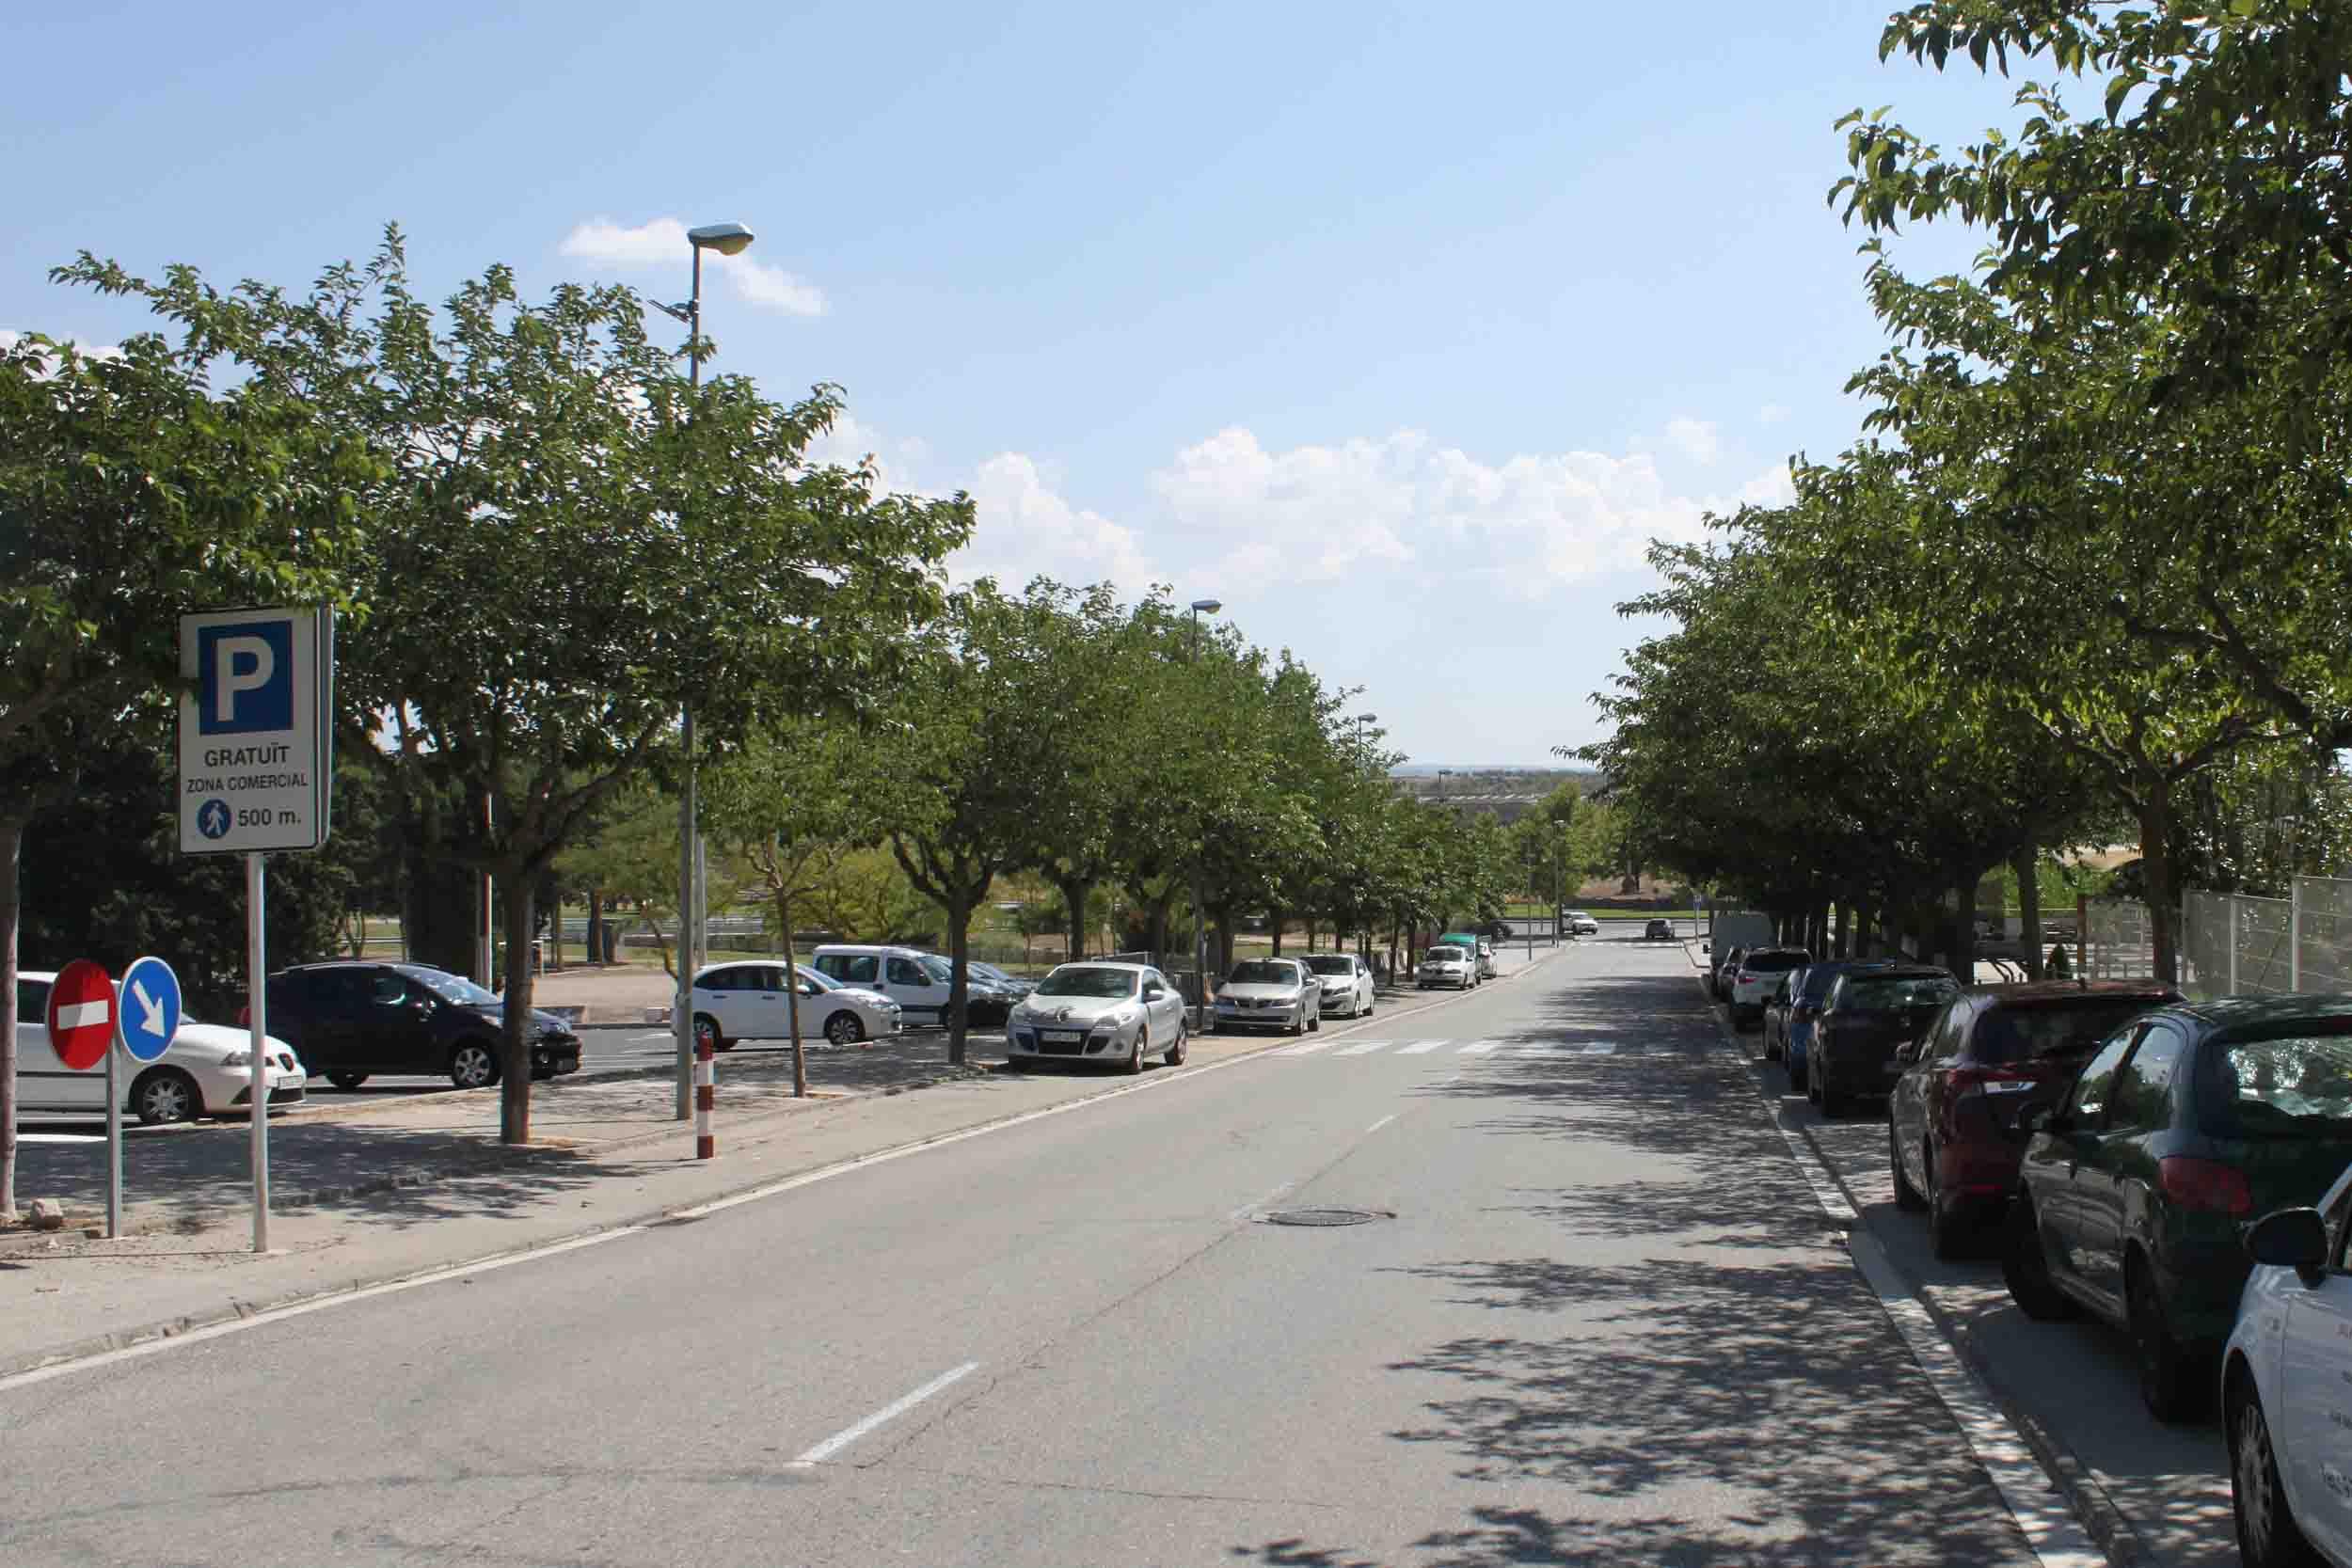 L'Ajuntament de Tàrrega adoptarà mesures per reduir la velocitat del trànsit al nucli urbà